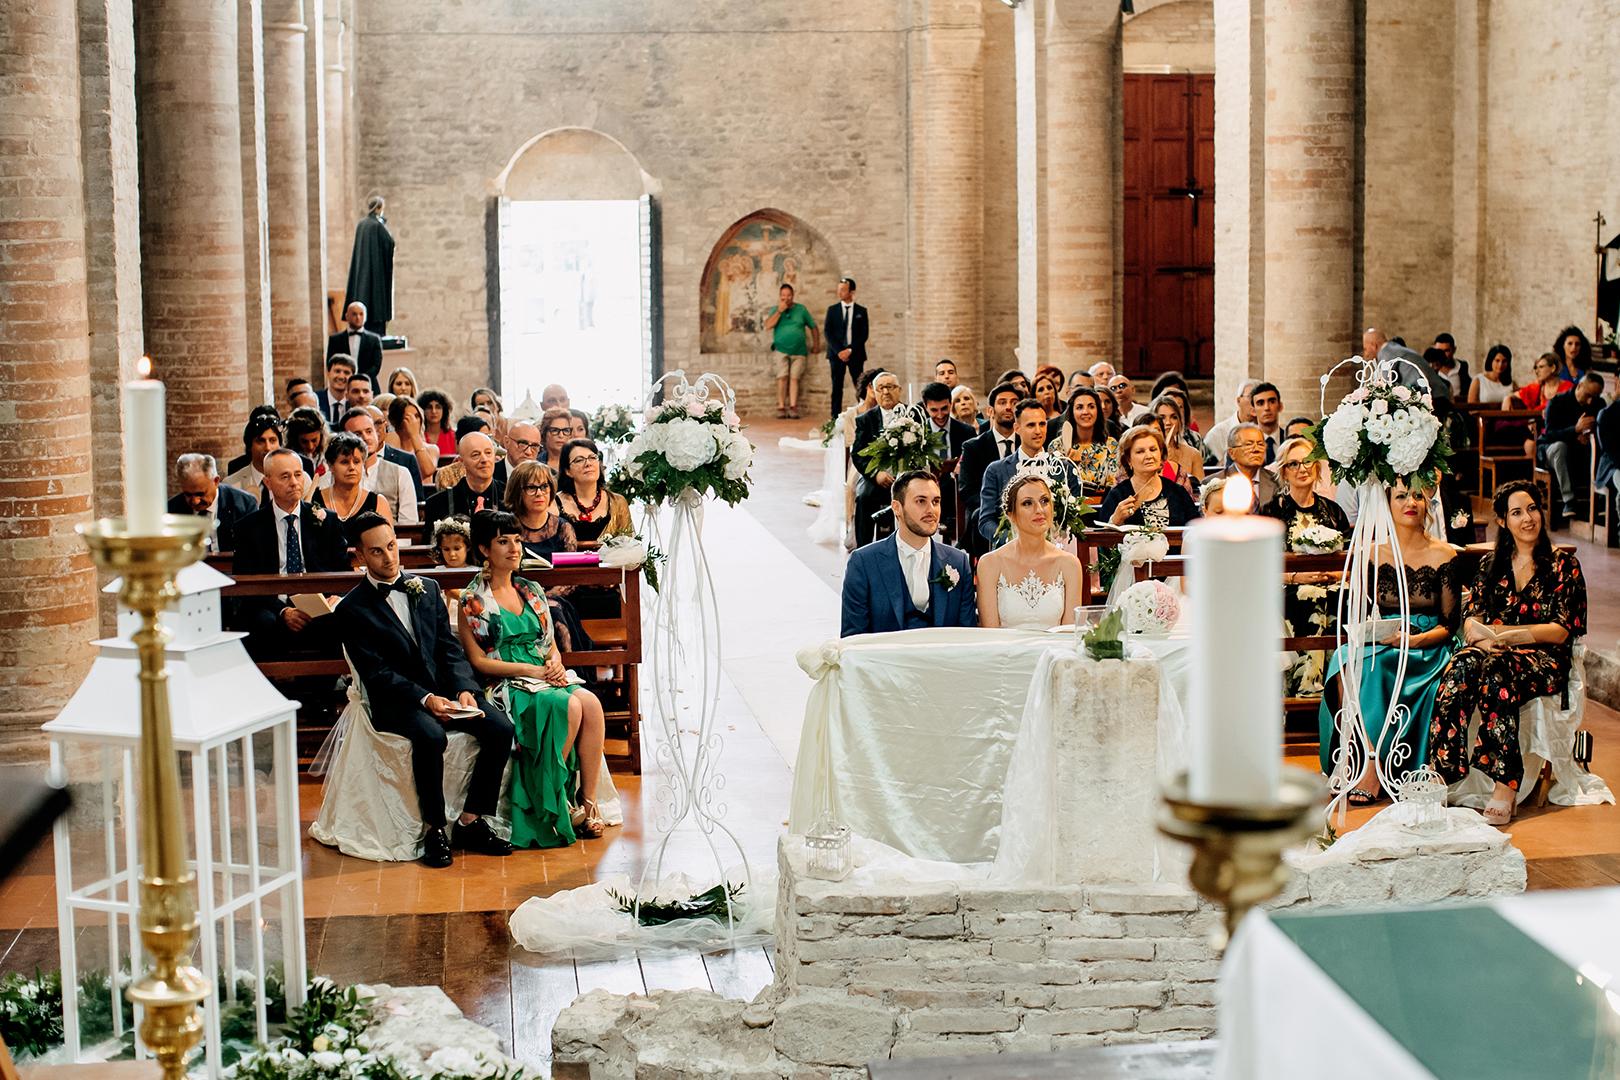 32 gianni-lepore-fotografo-chiesa-sposi-cerimonia-rito-religioso-matrimonio-weddingday